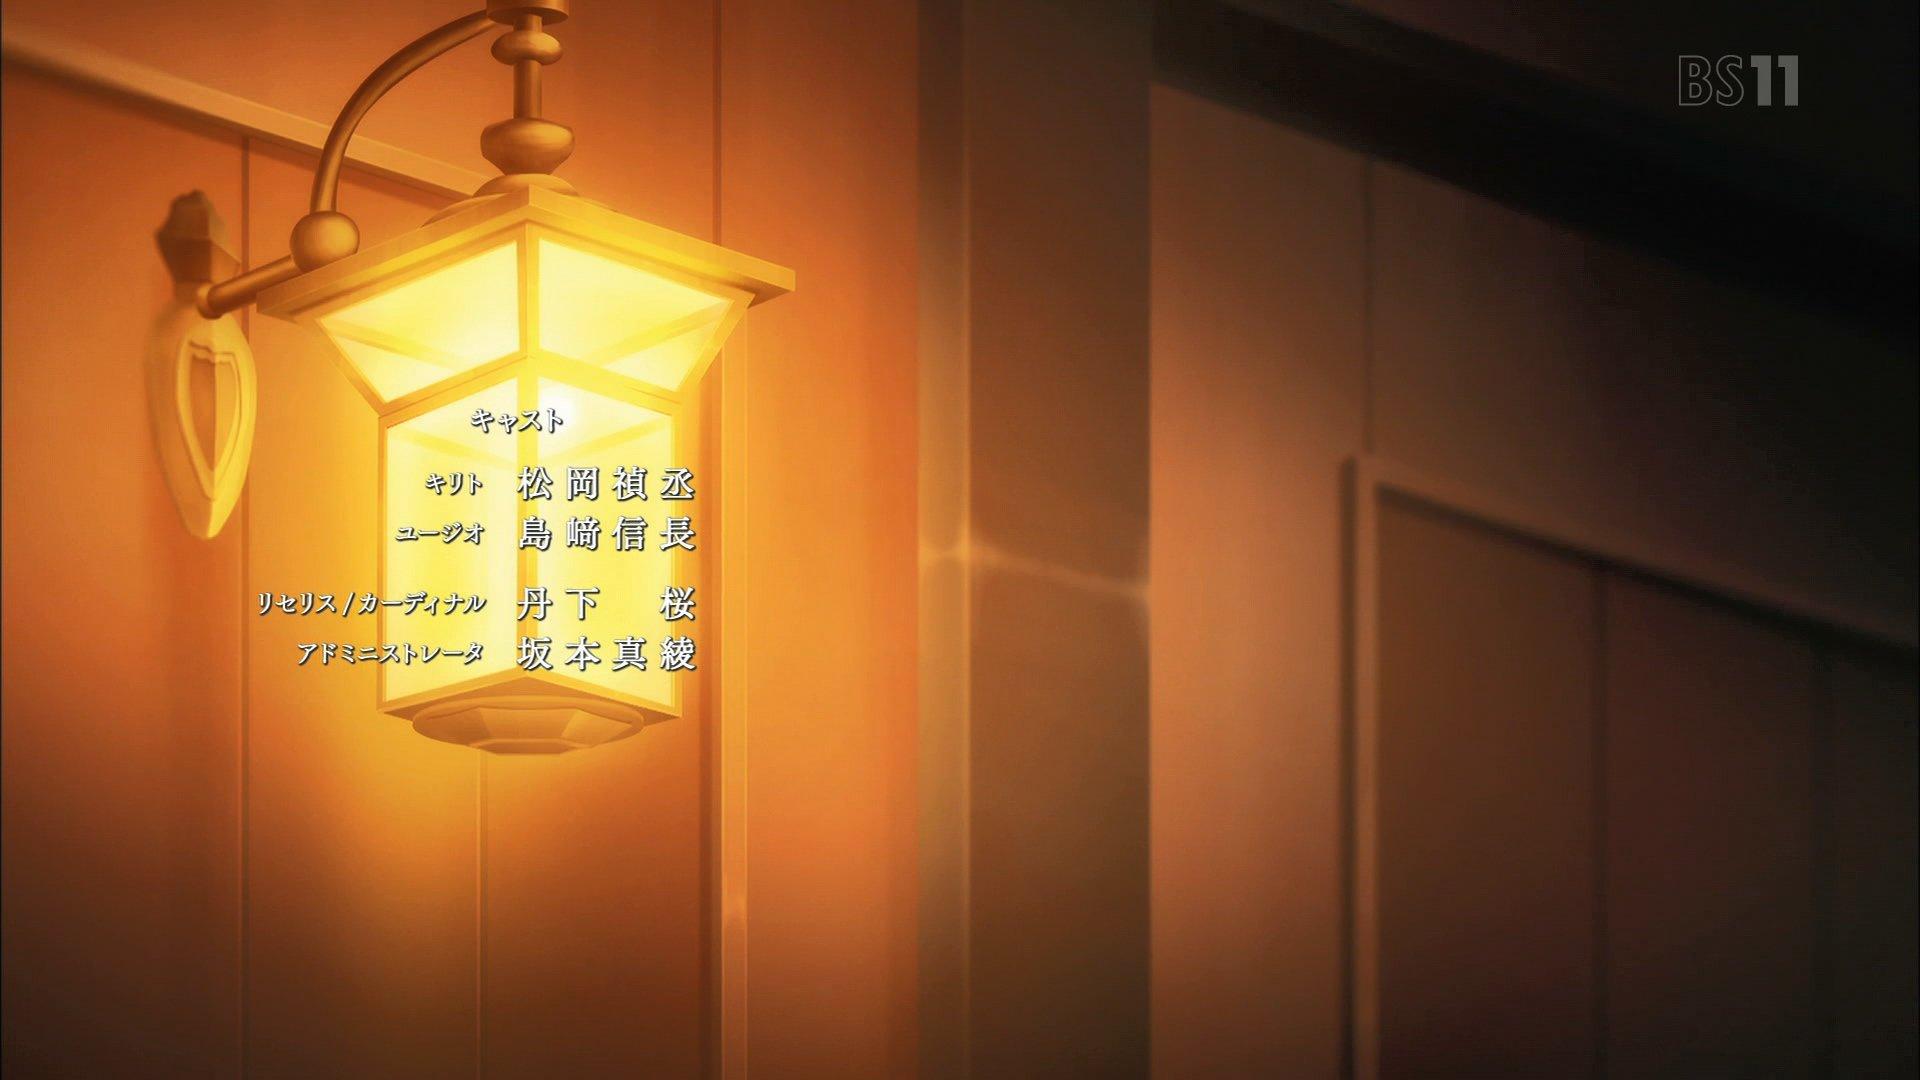 キャスト #sao_anime #bs11 https://t.co/t25c1kPs4R